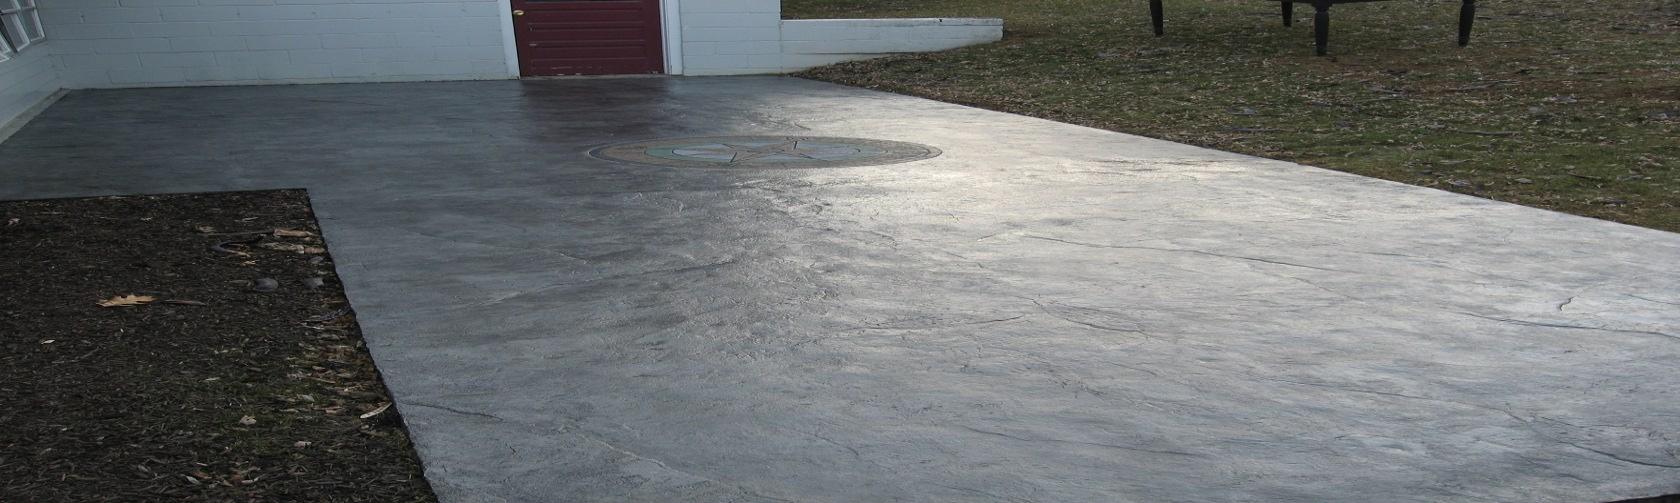 Concrete By Design Decorative Concrete Specialist In The